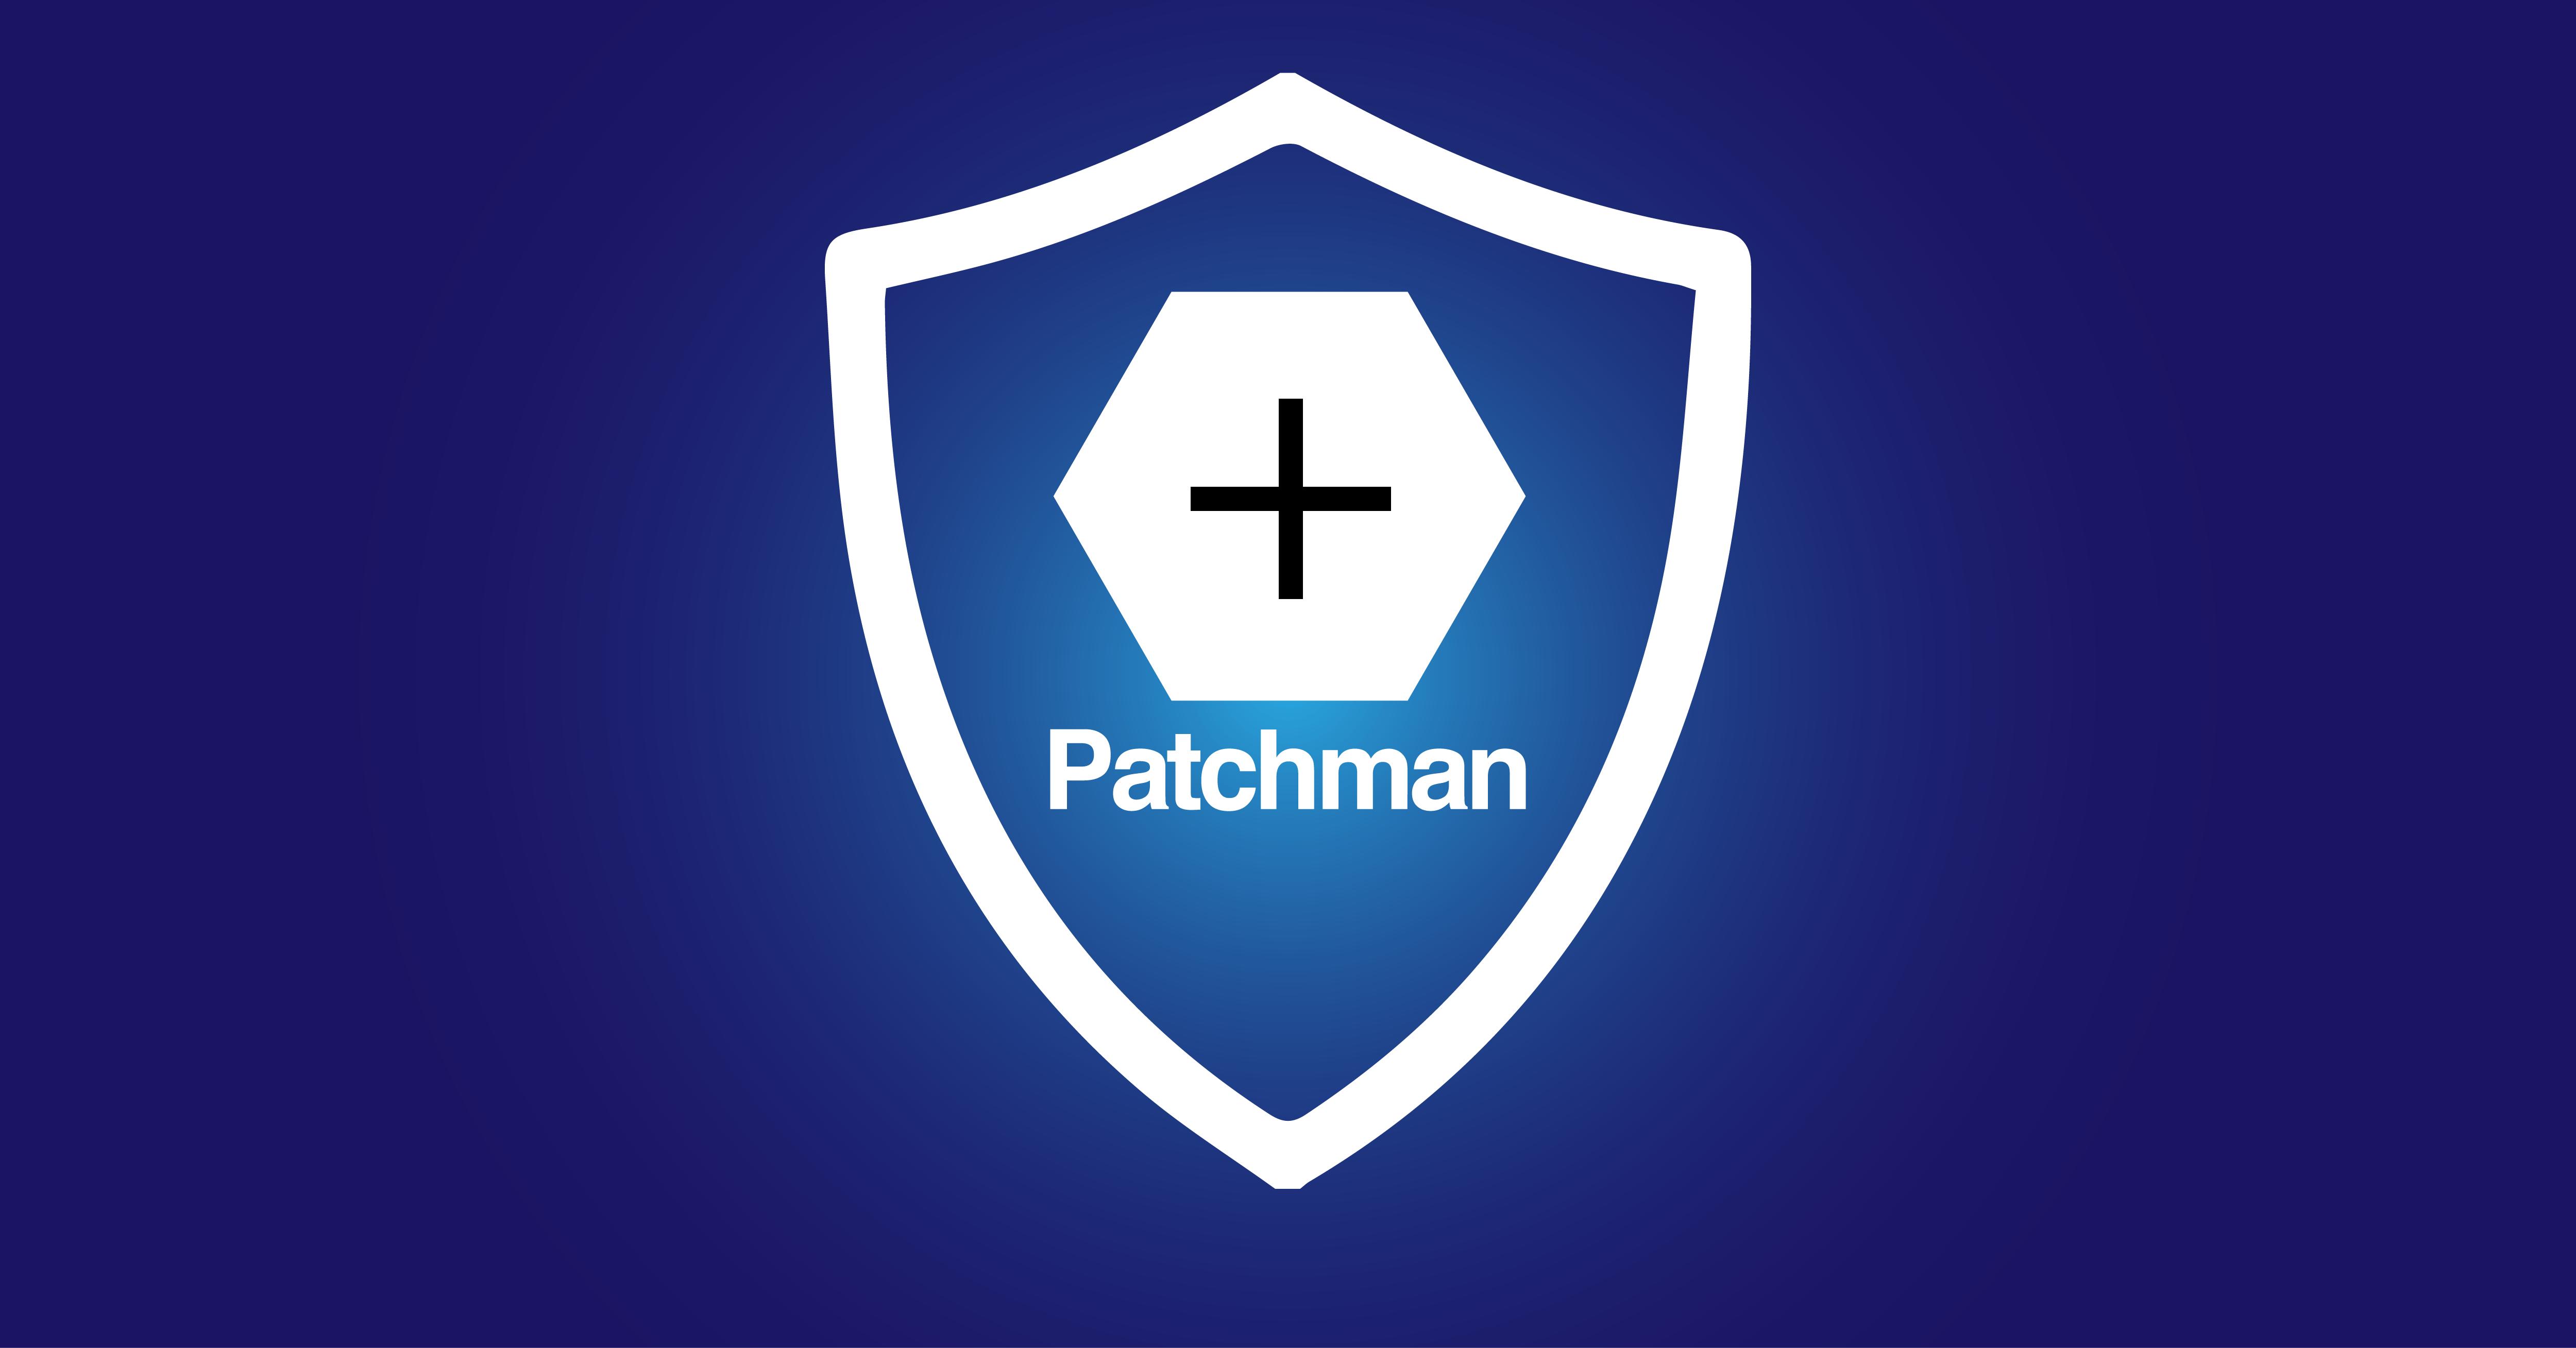 Con Patchman eliminamos malware y virus de tus sitios web sin que te des cuenta